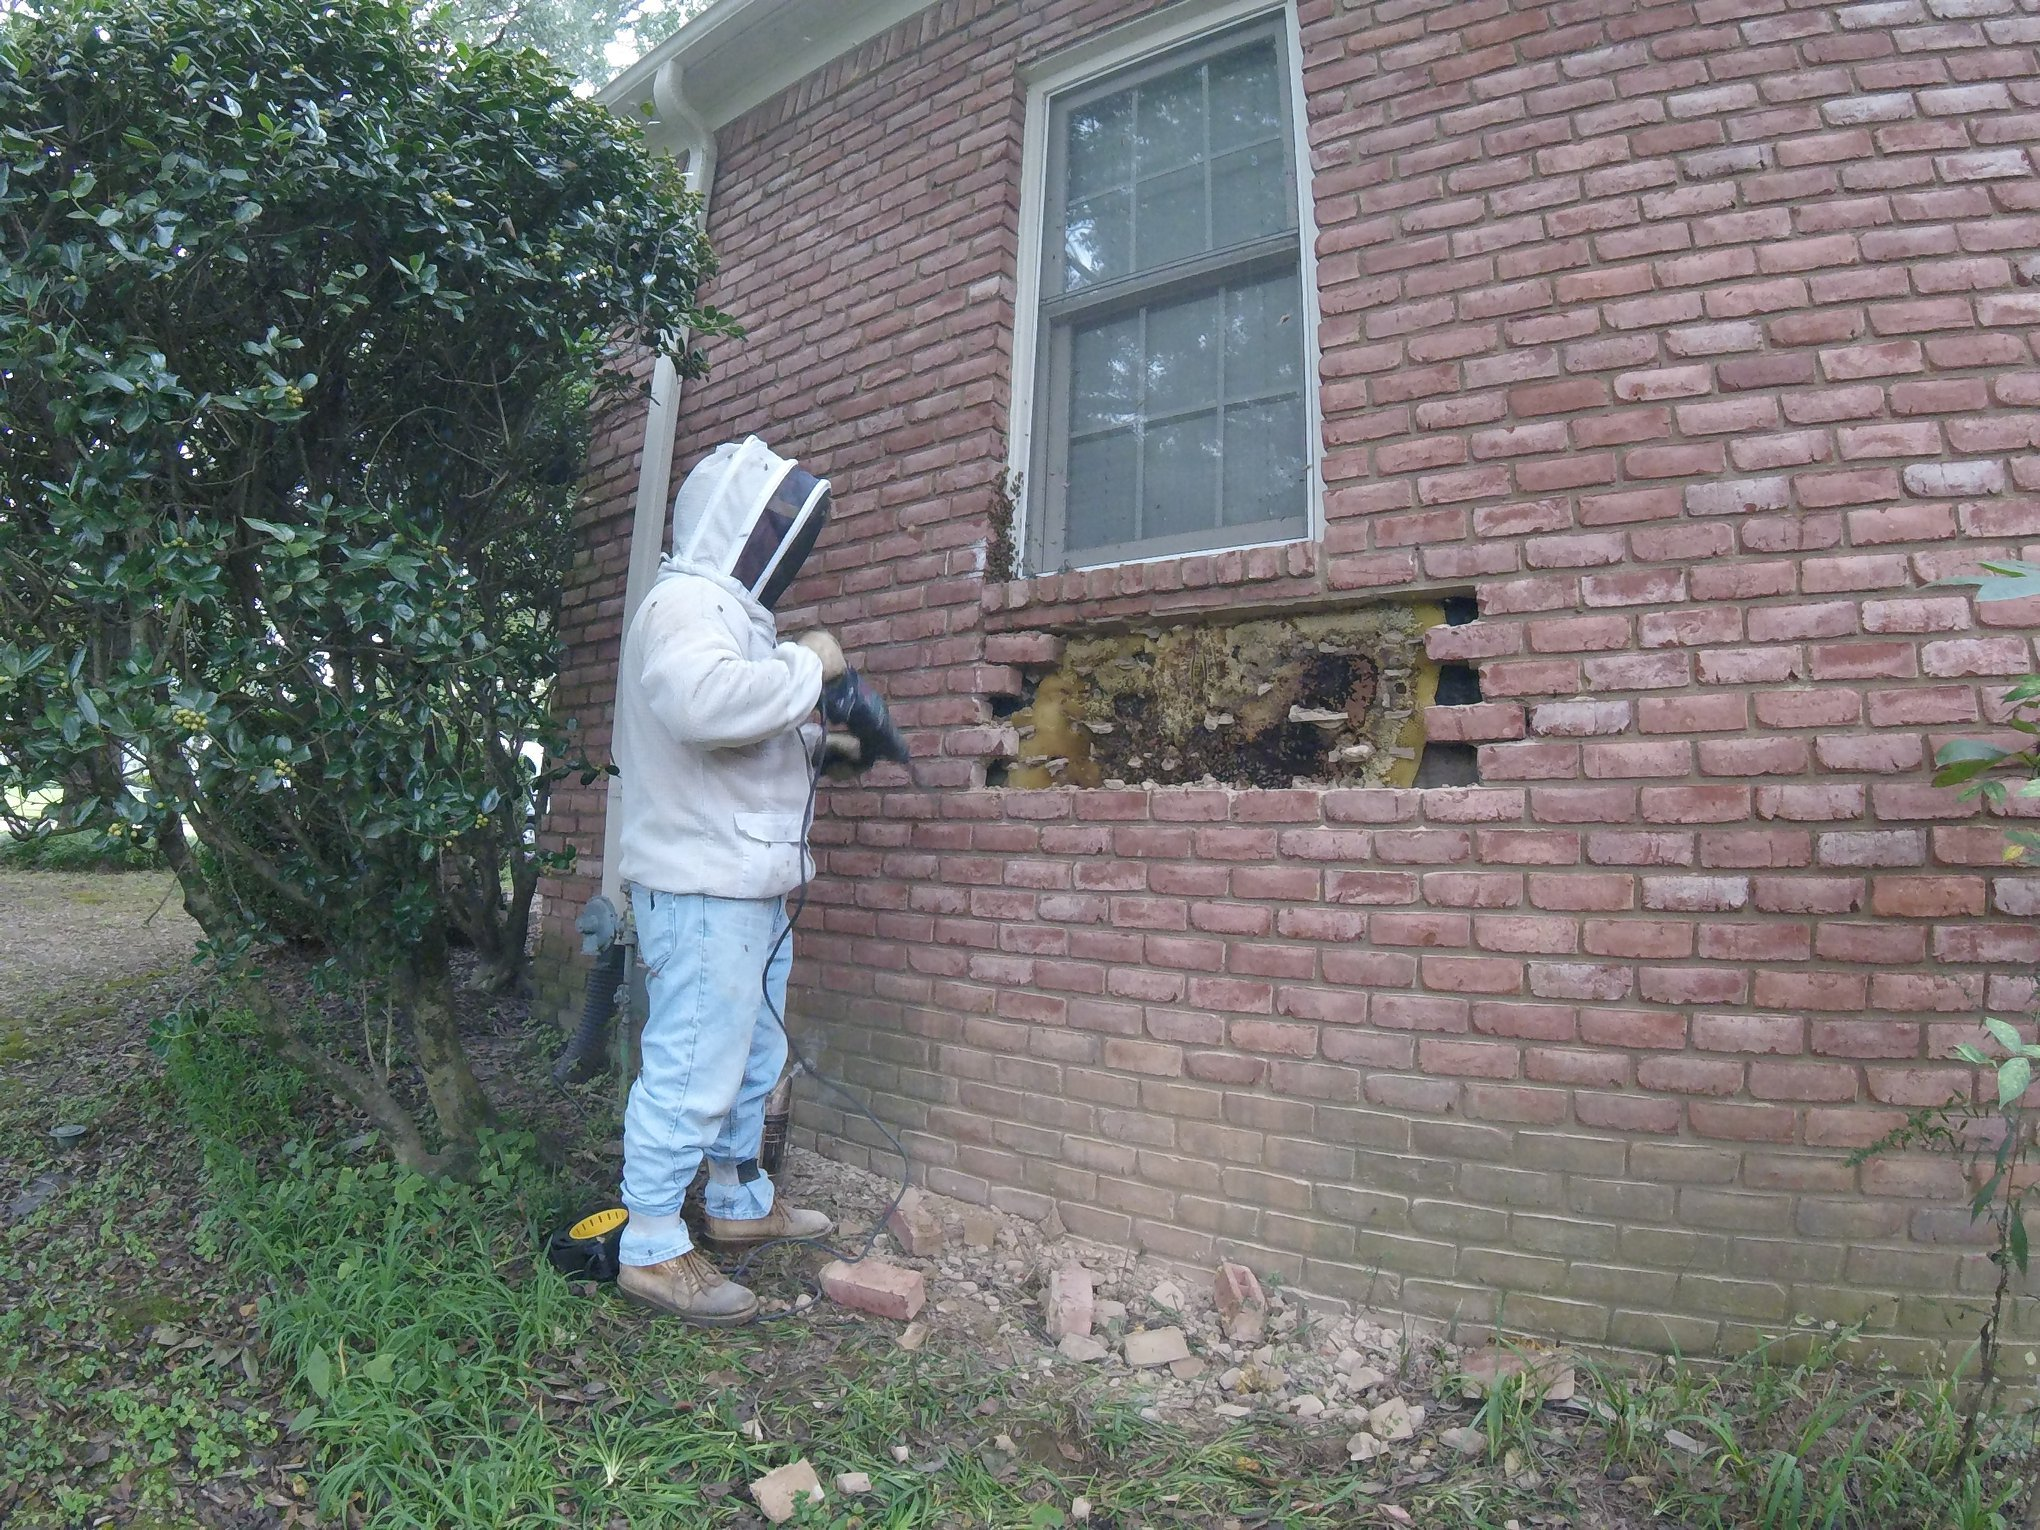 42743399 2000275516660830 7014229413151637504 o.jpg?resize=412,232 - L'un des murs de sa maison renfermait une ruche géante!